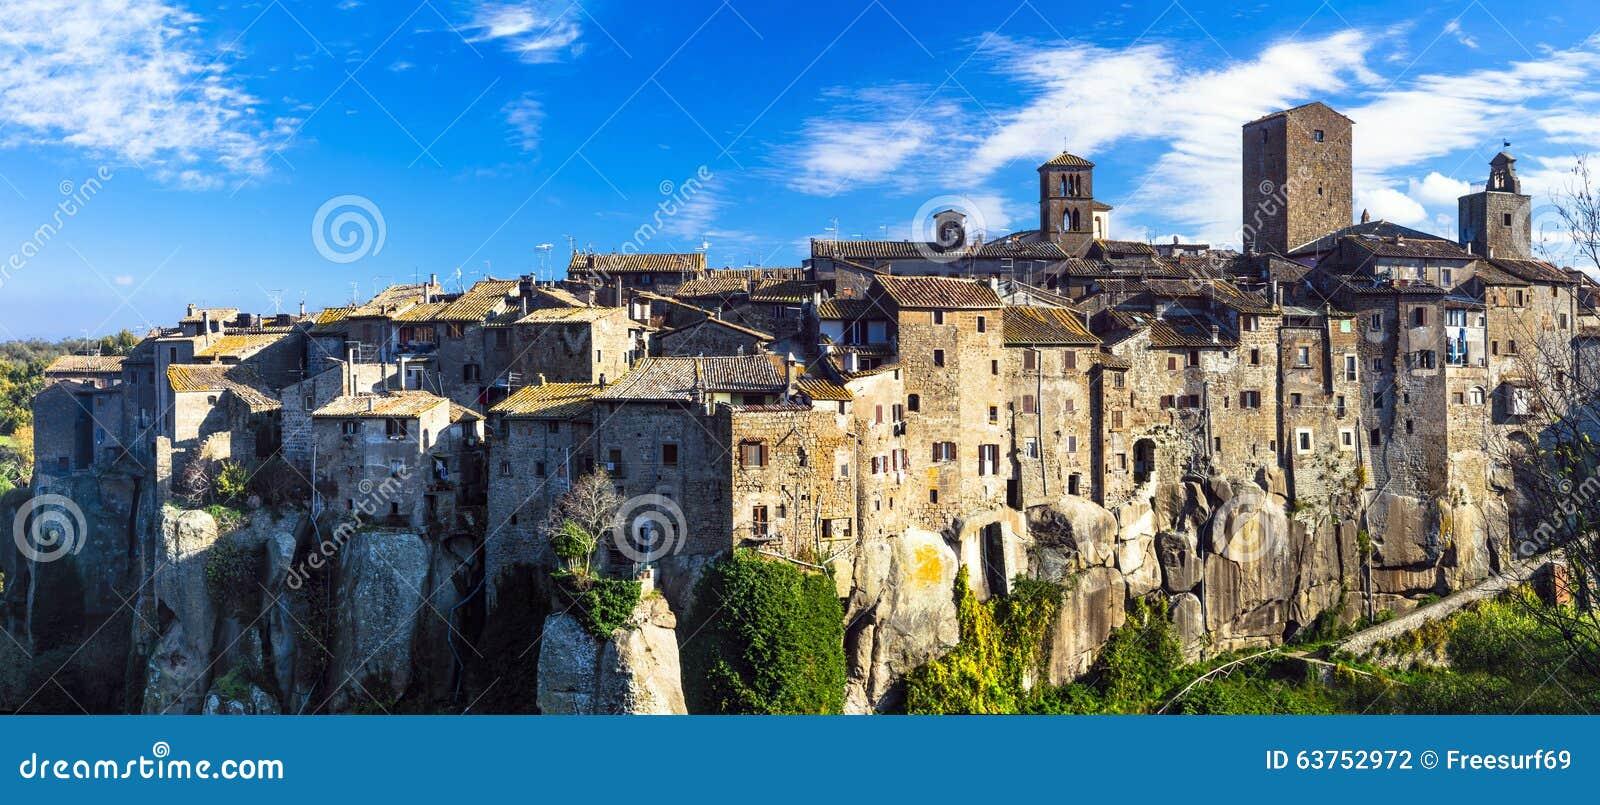 意大利-vitochianobeauiful中世纪村庄.岩石,公寓.金桥福运横向图片